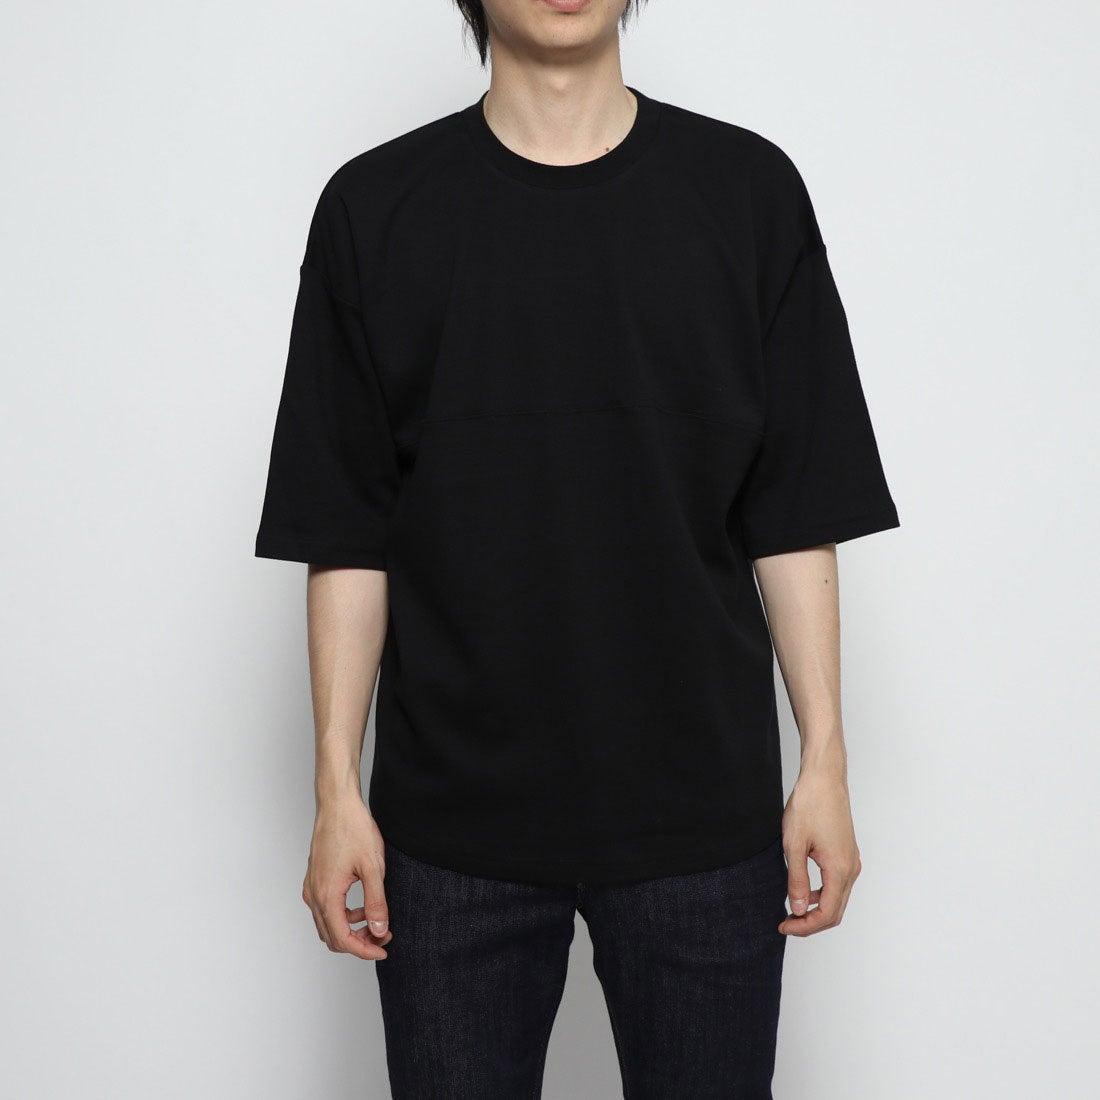 ロコンド 靴とファッションの通販サイトスタイルブロック STYLEBLOCK 綿ポンチ5分袖ビッグTシャツ (ブラック)